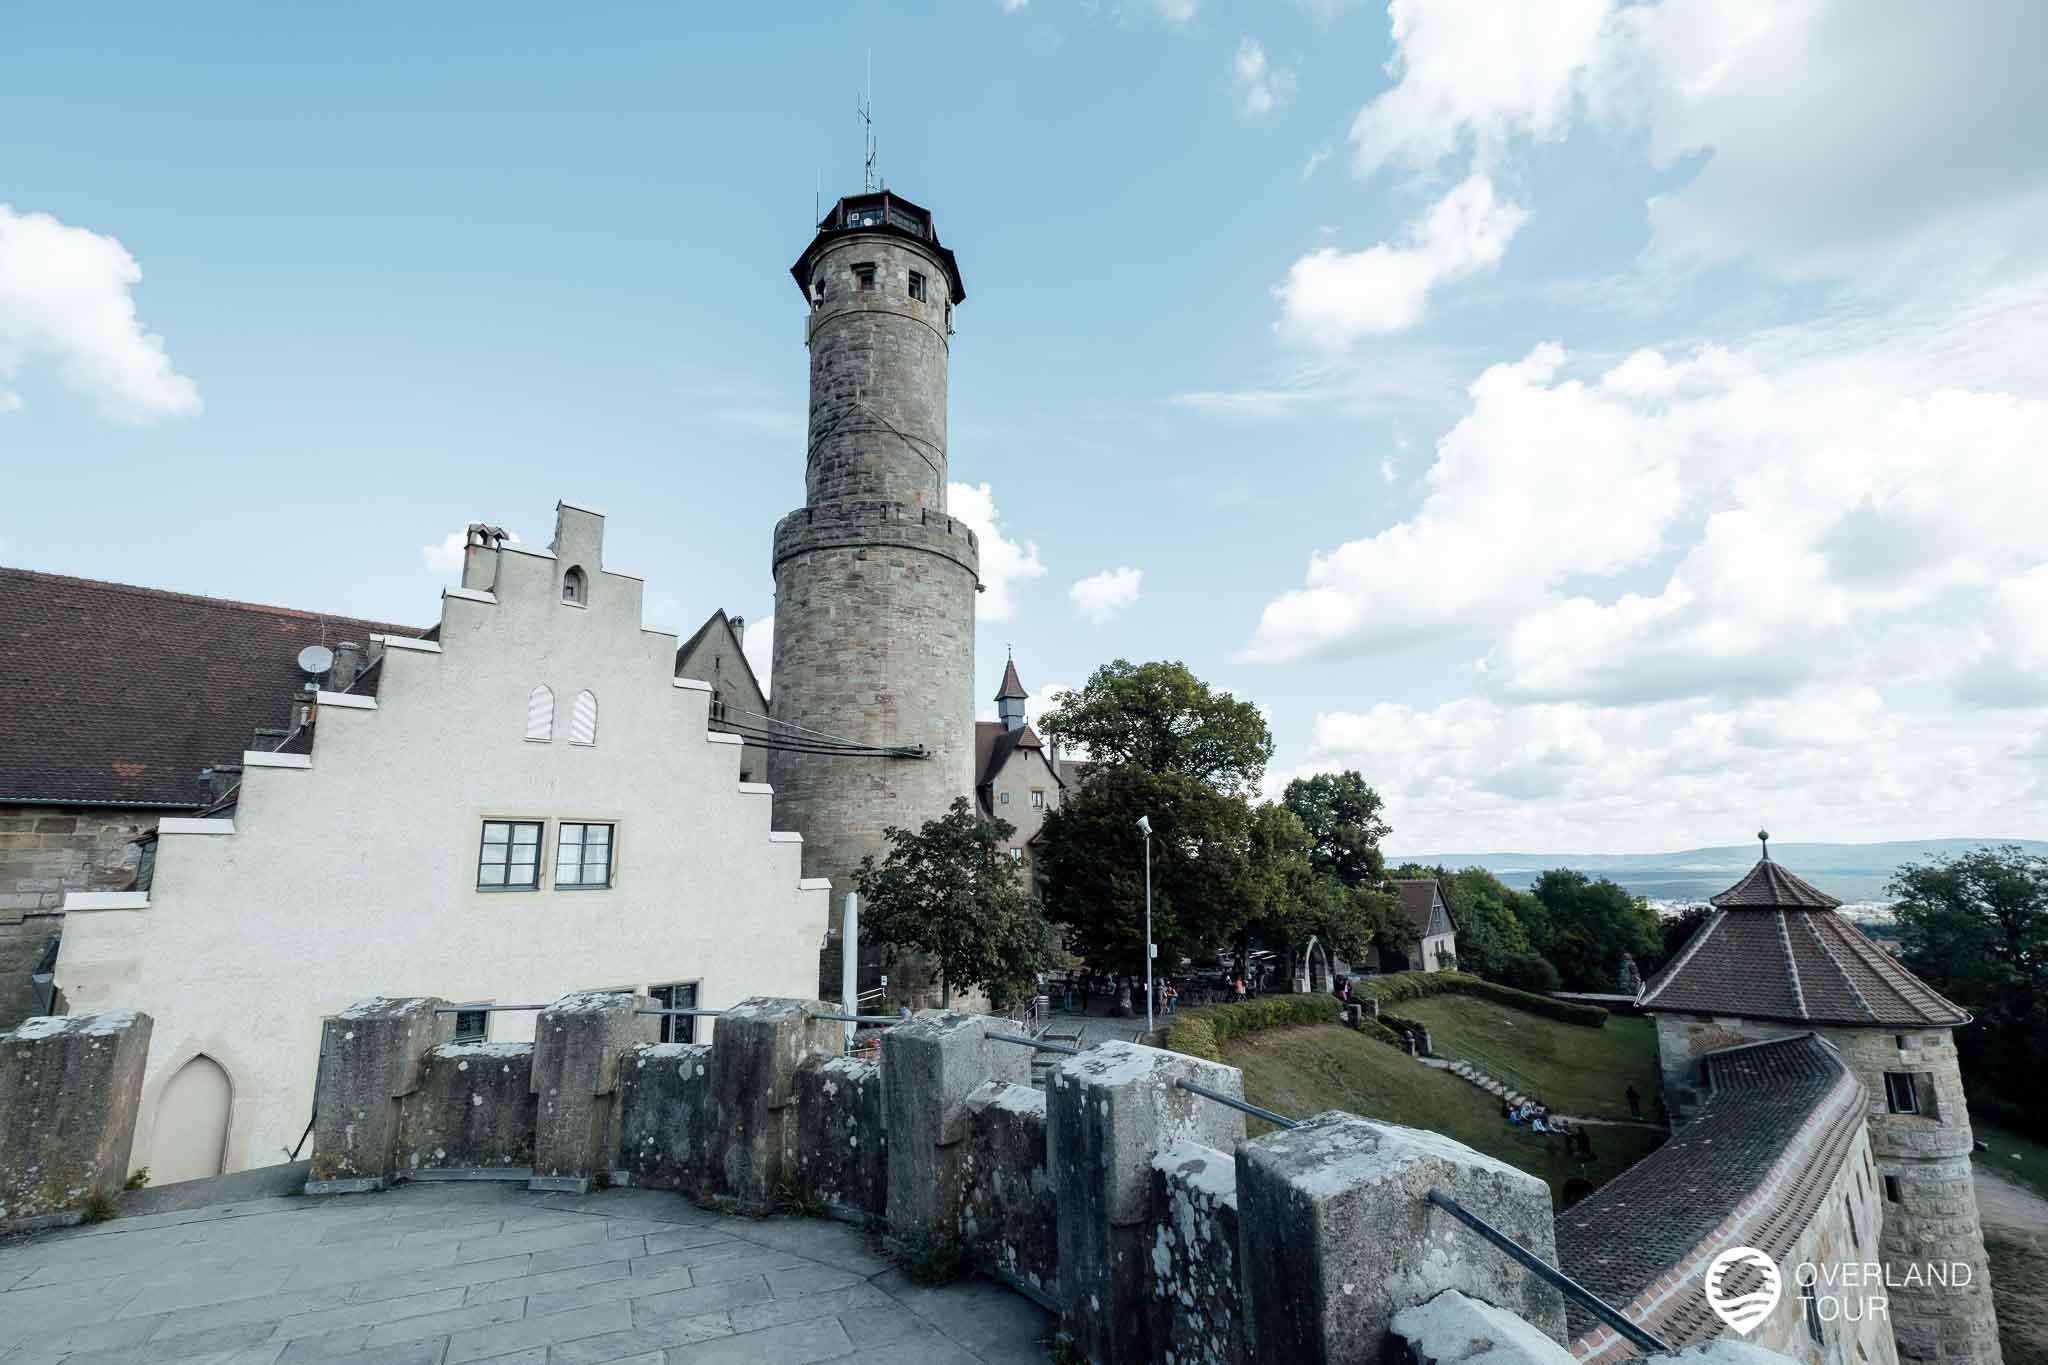 Die Altenburg mit seiner Burgwand und ihrem Turm